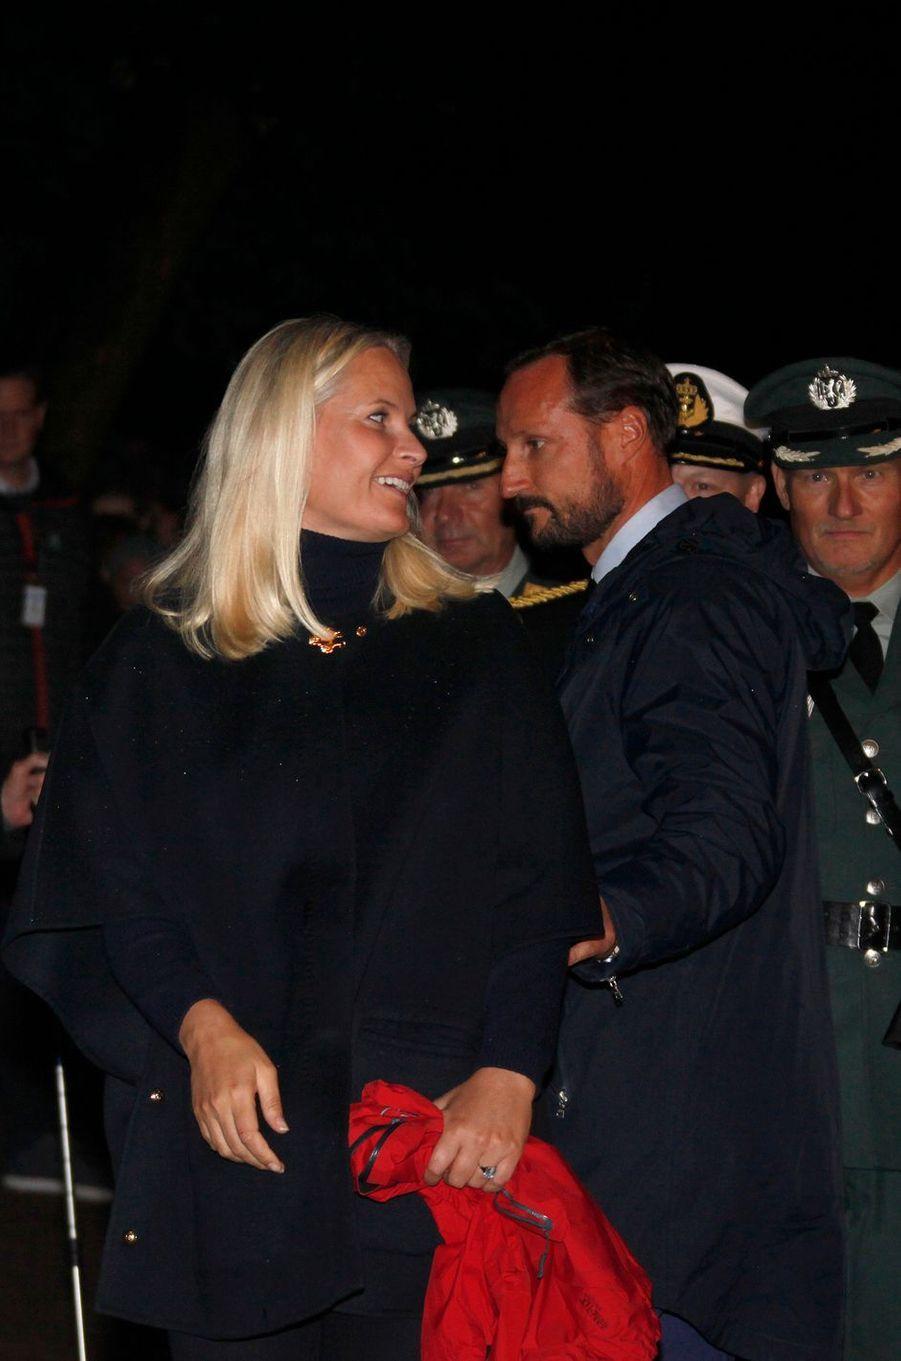 La princesse Mette-Marit et le prince Haakon de Norvège à Oslo, le 21 septembre 2016